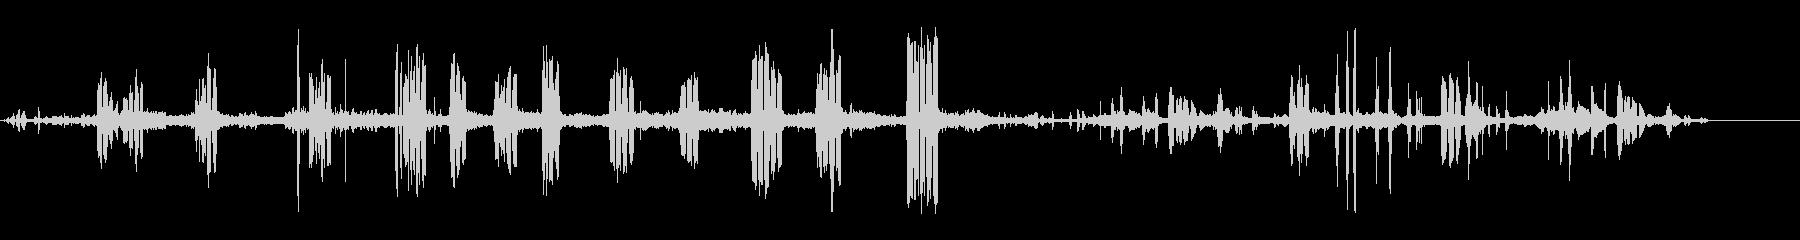 マレレンガの未再生の波形